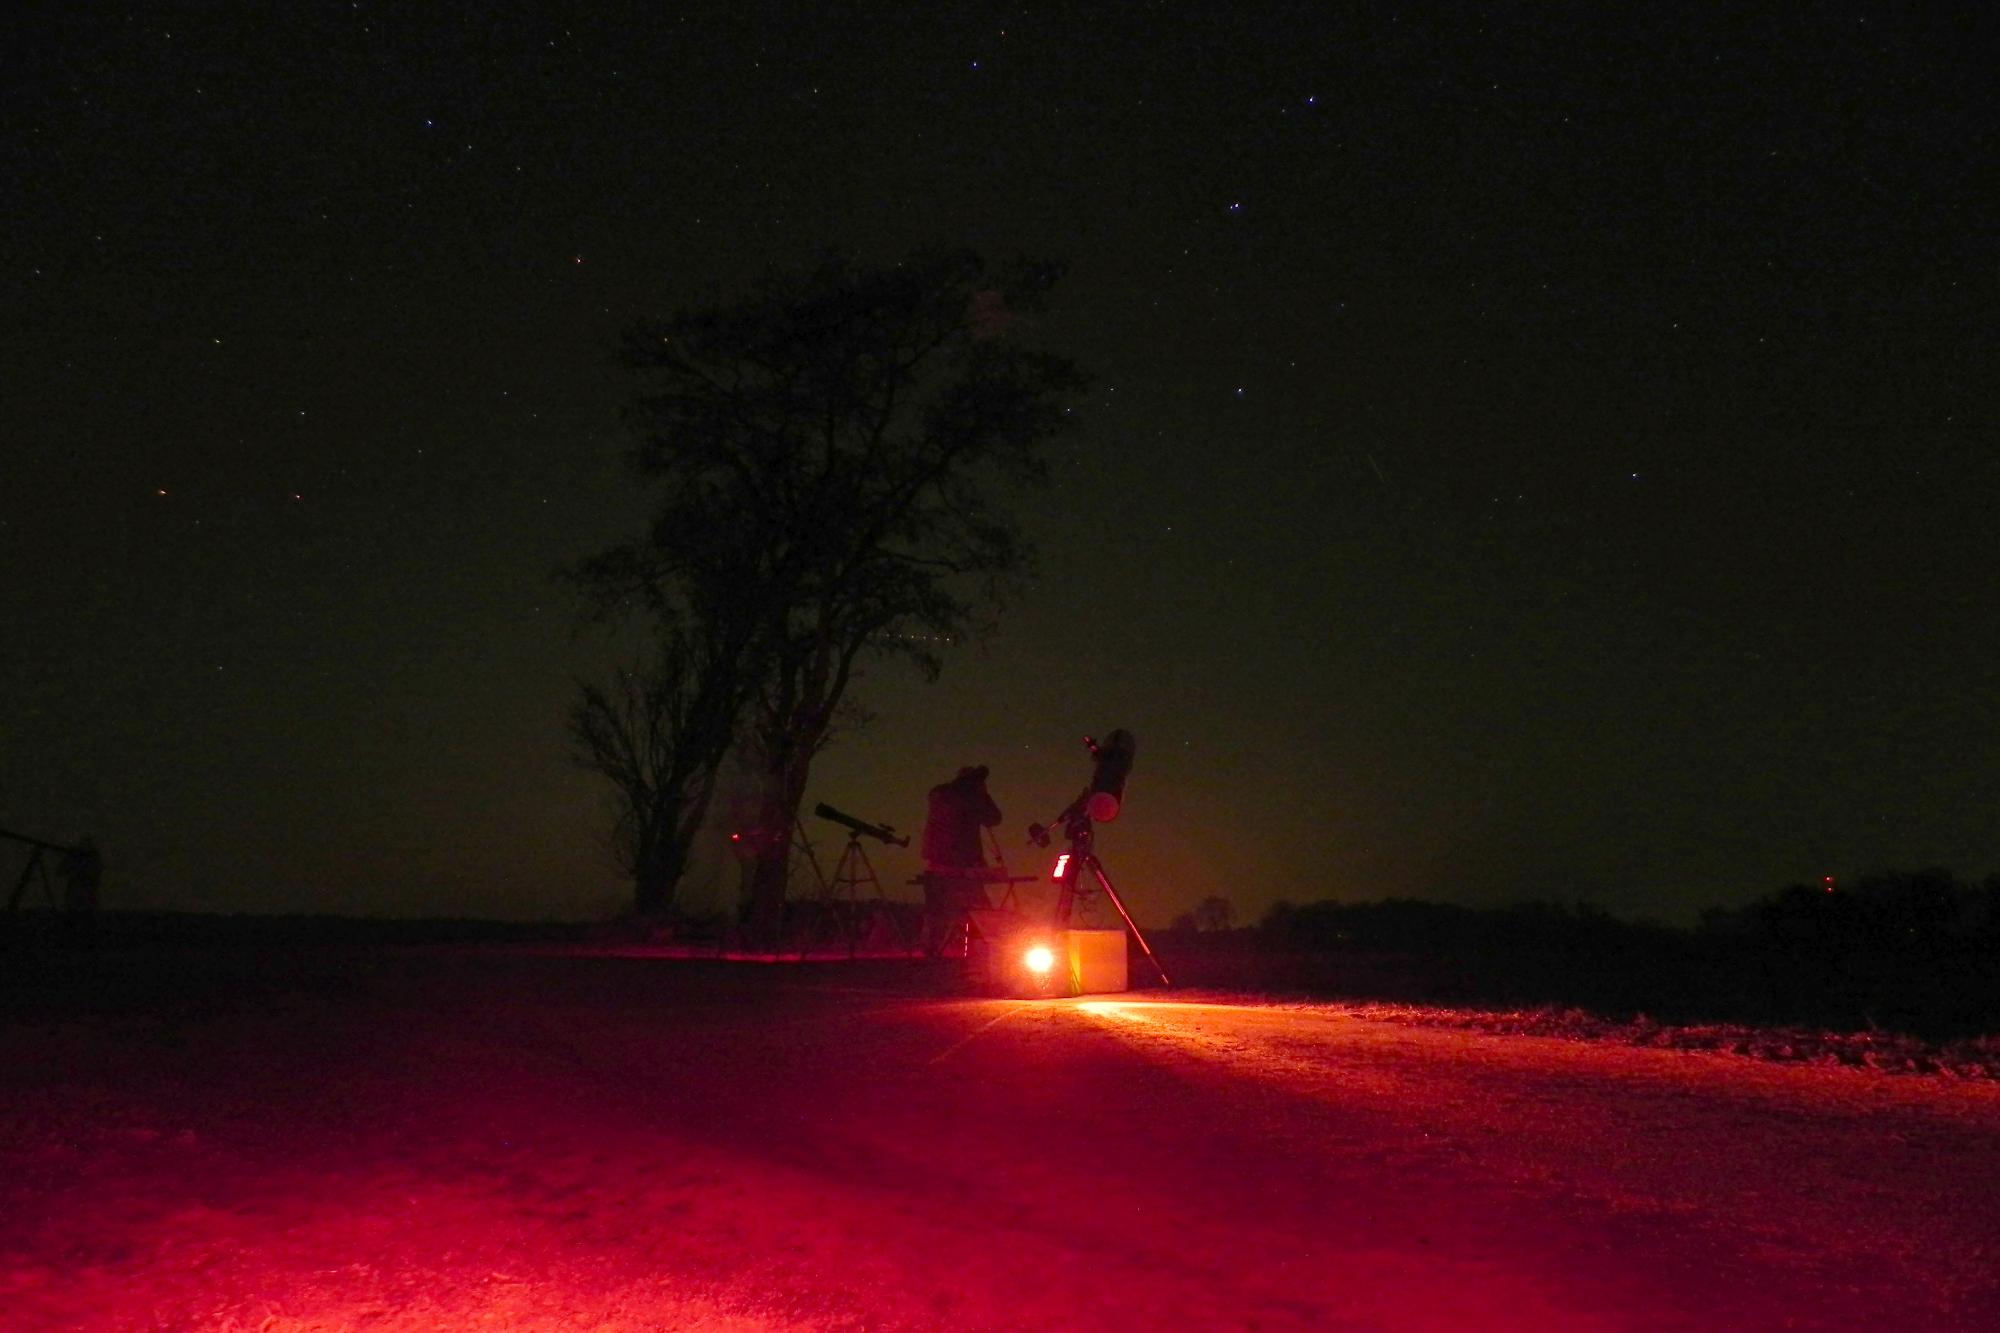 Beobachter des Sternenhimmels